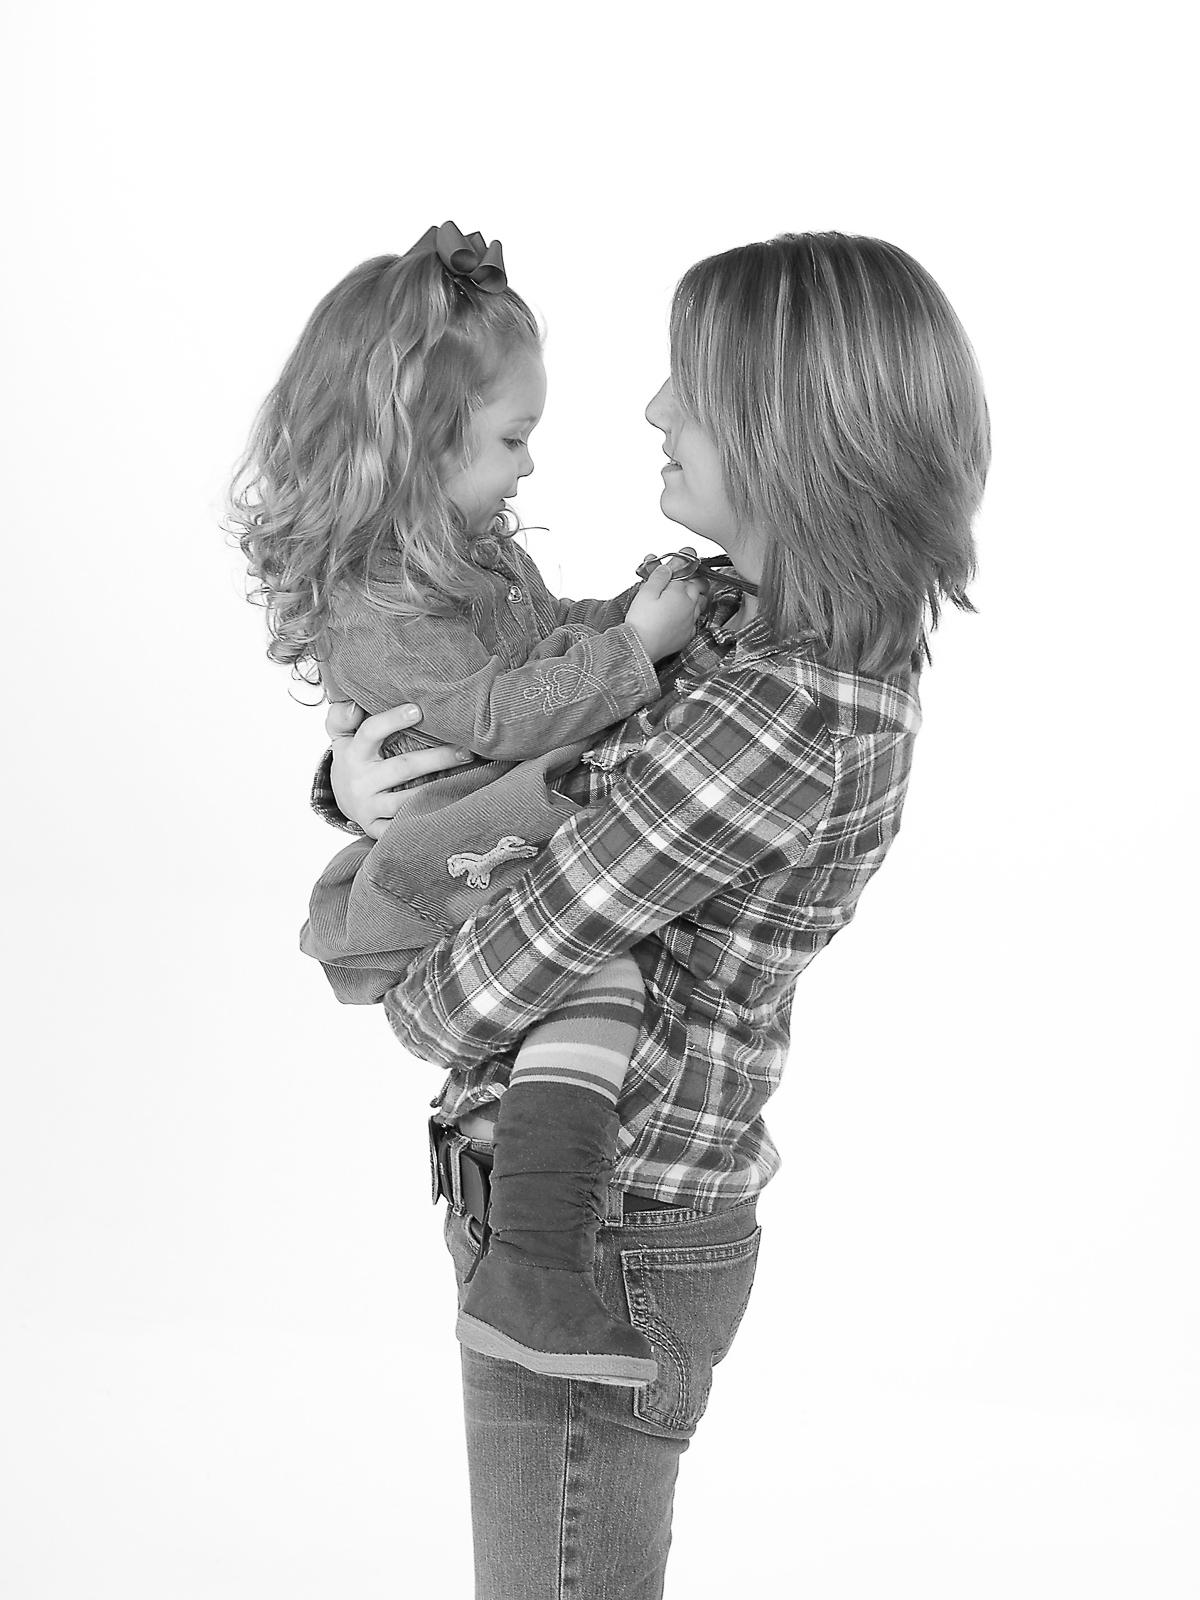 Michael-Napier-Portraits-Families-2.jpg